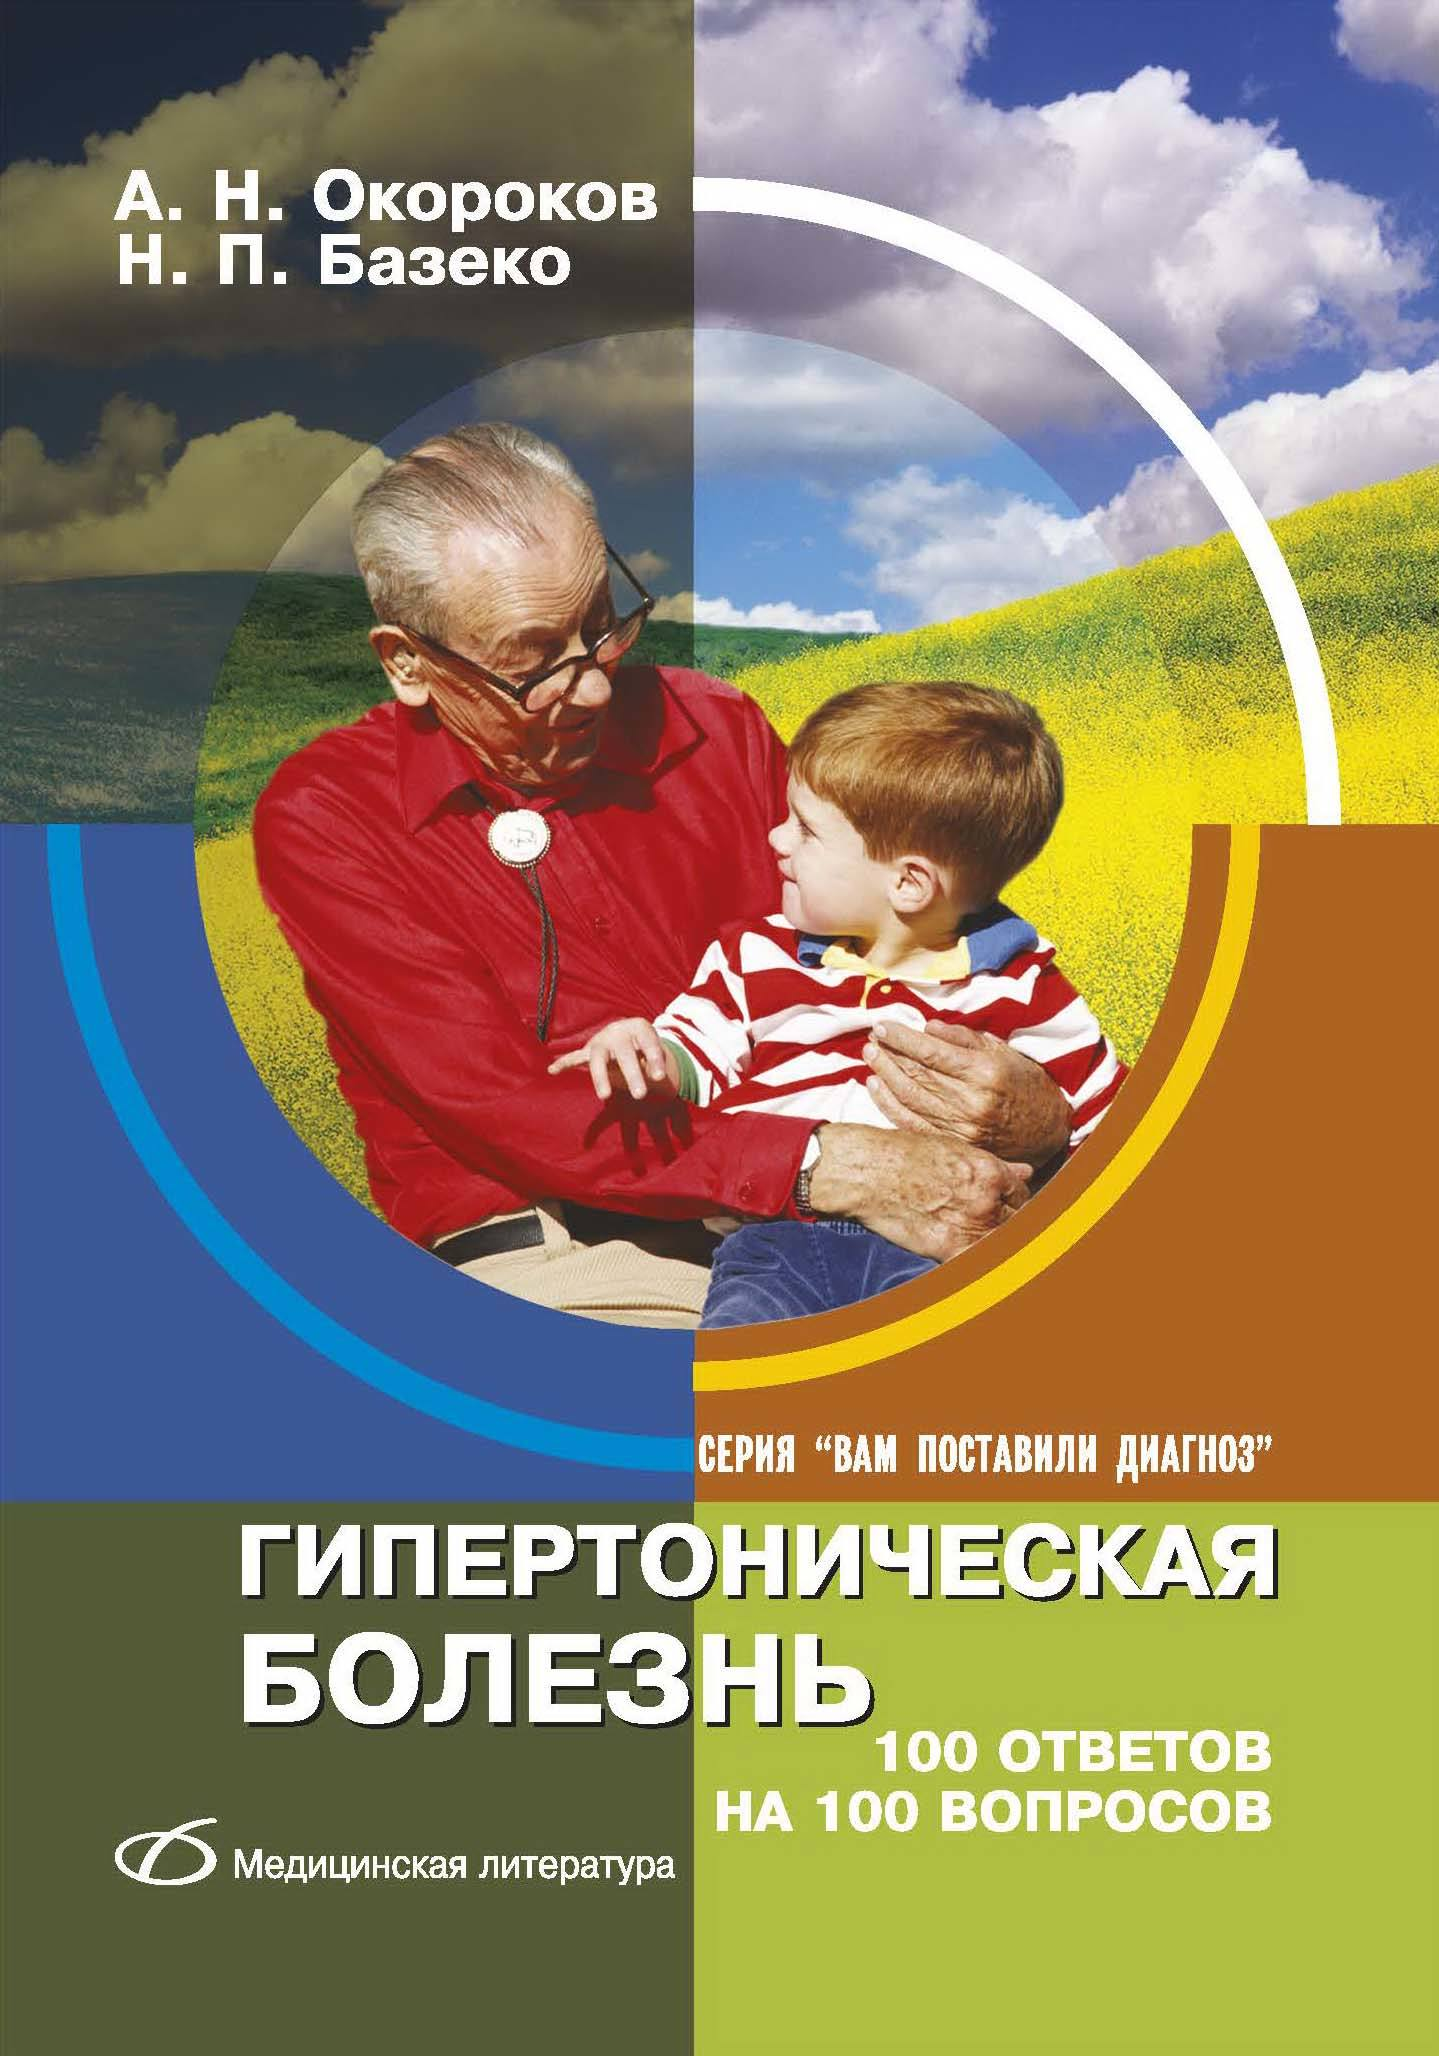 А. Н. Окороков. Гипертоническая болезнь. 100 ответов на 100 вопросов